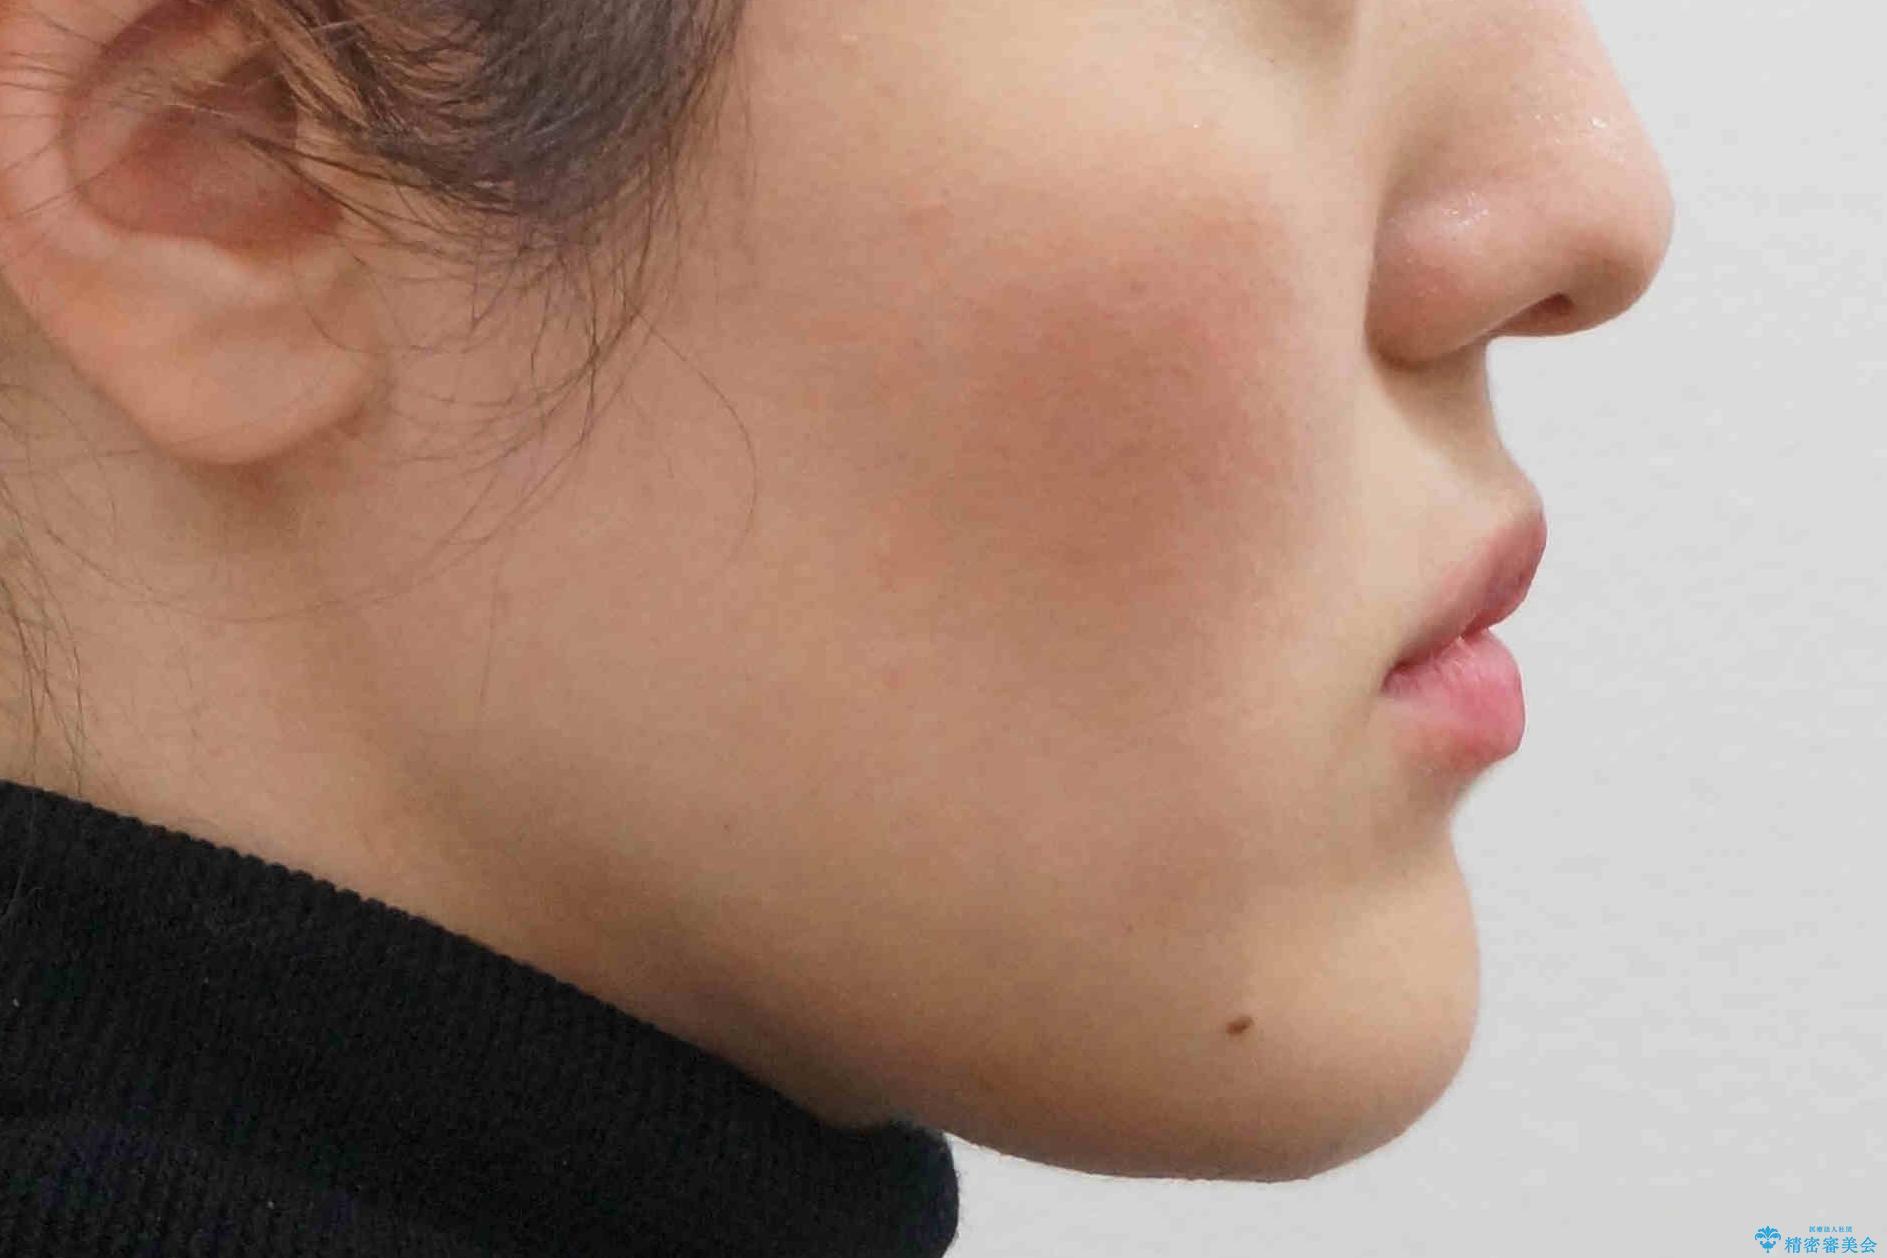 矮小歯 インビザラインとセラミックで美しくの治療後(顔貌)